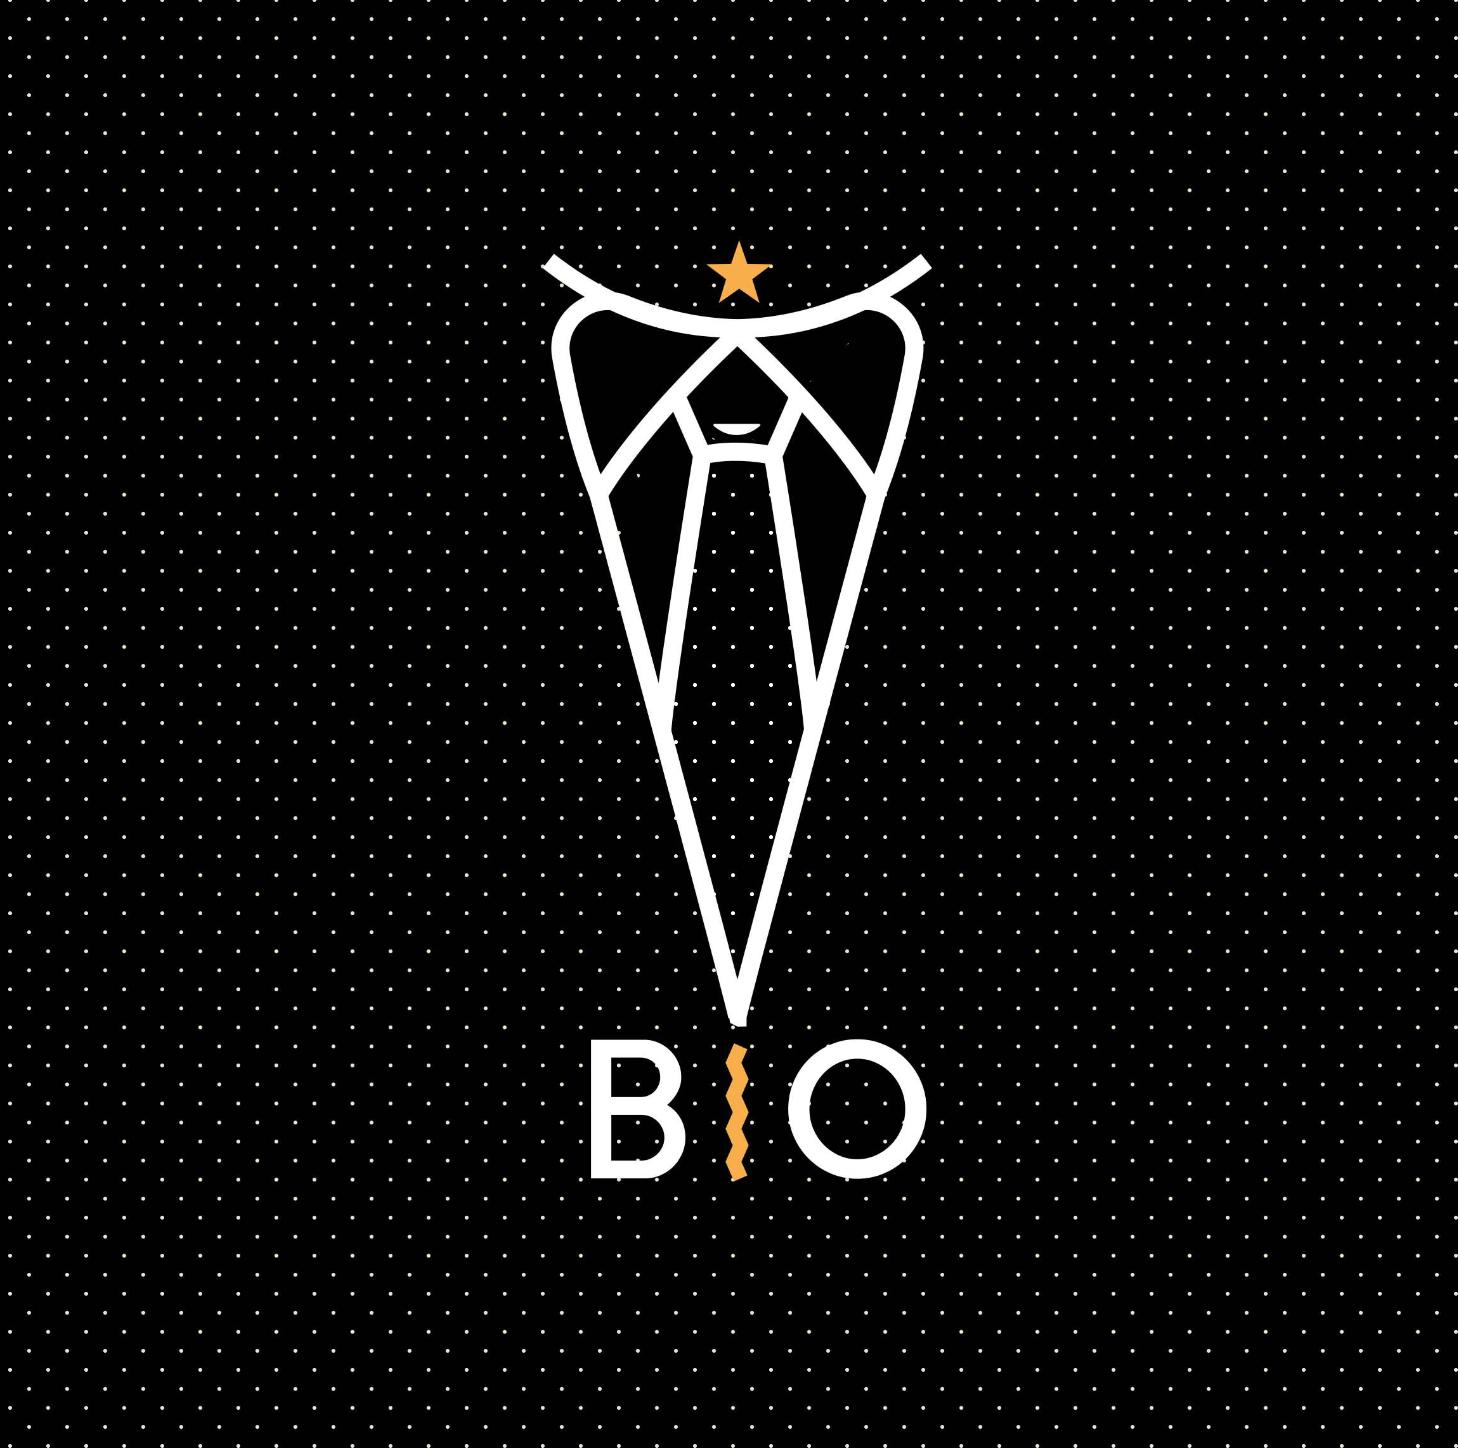 BIO Branding